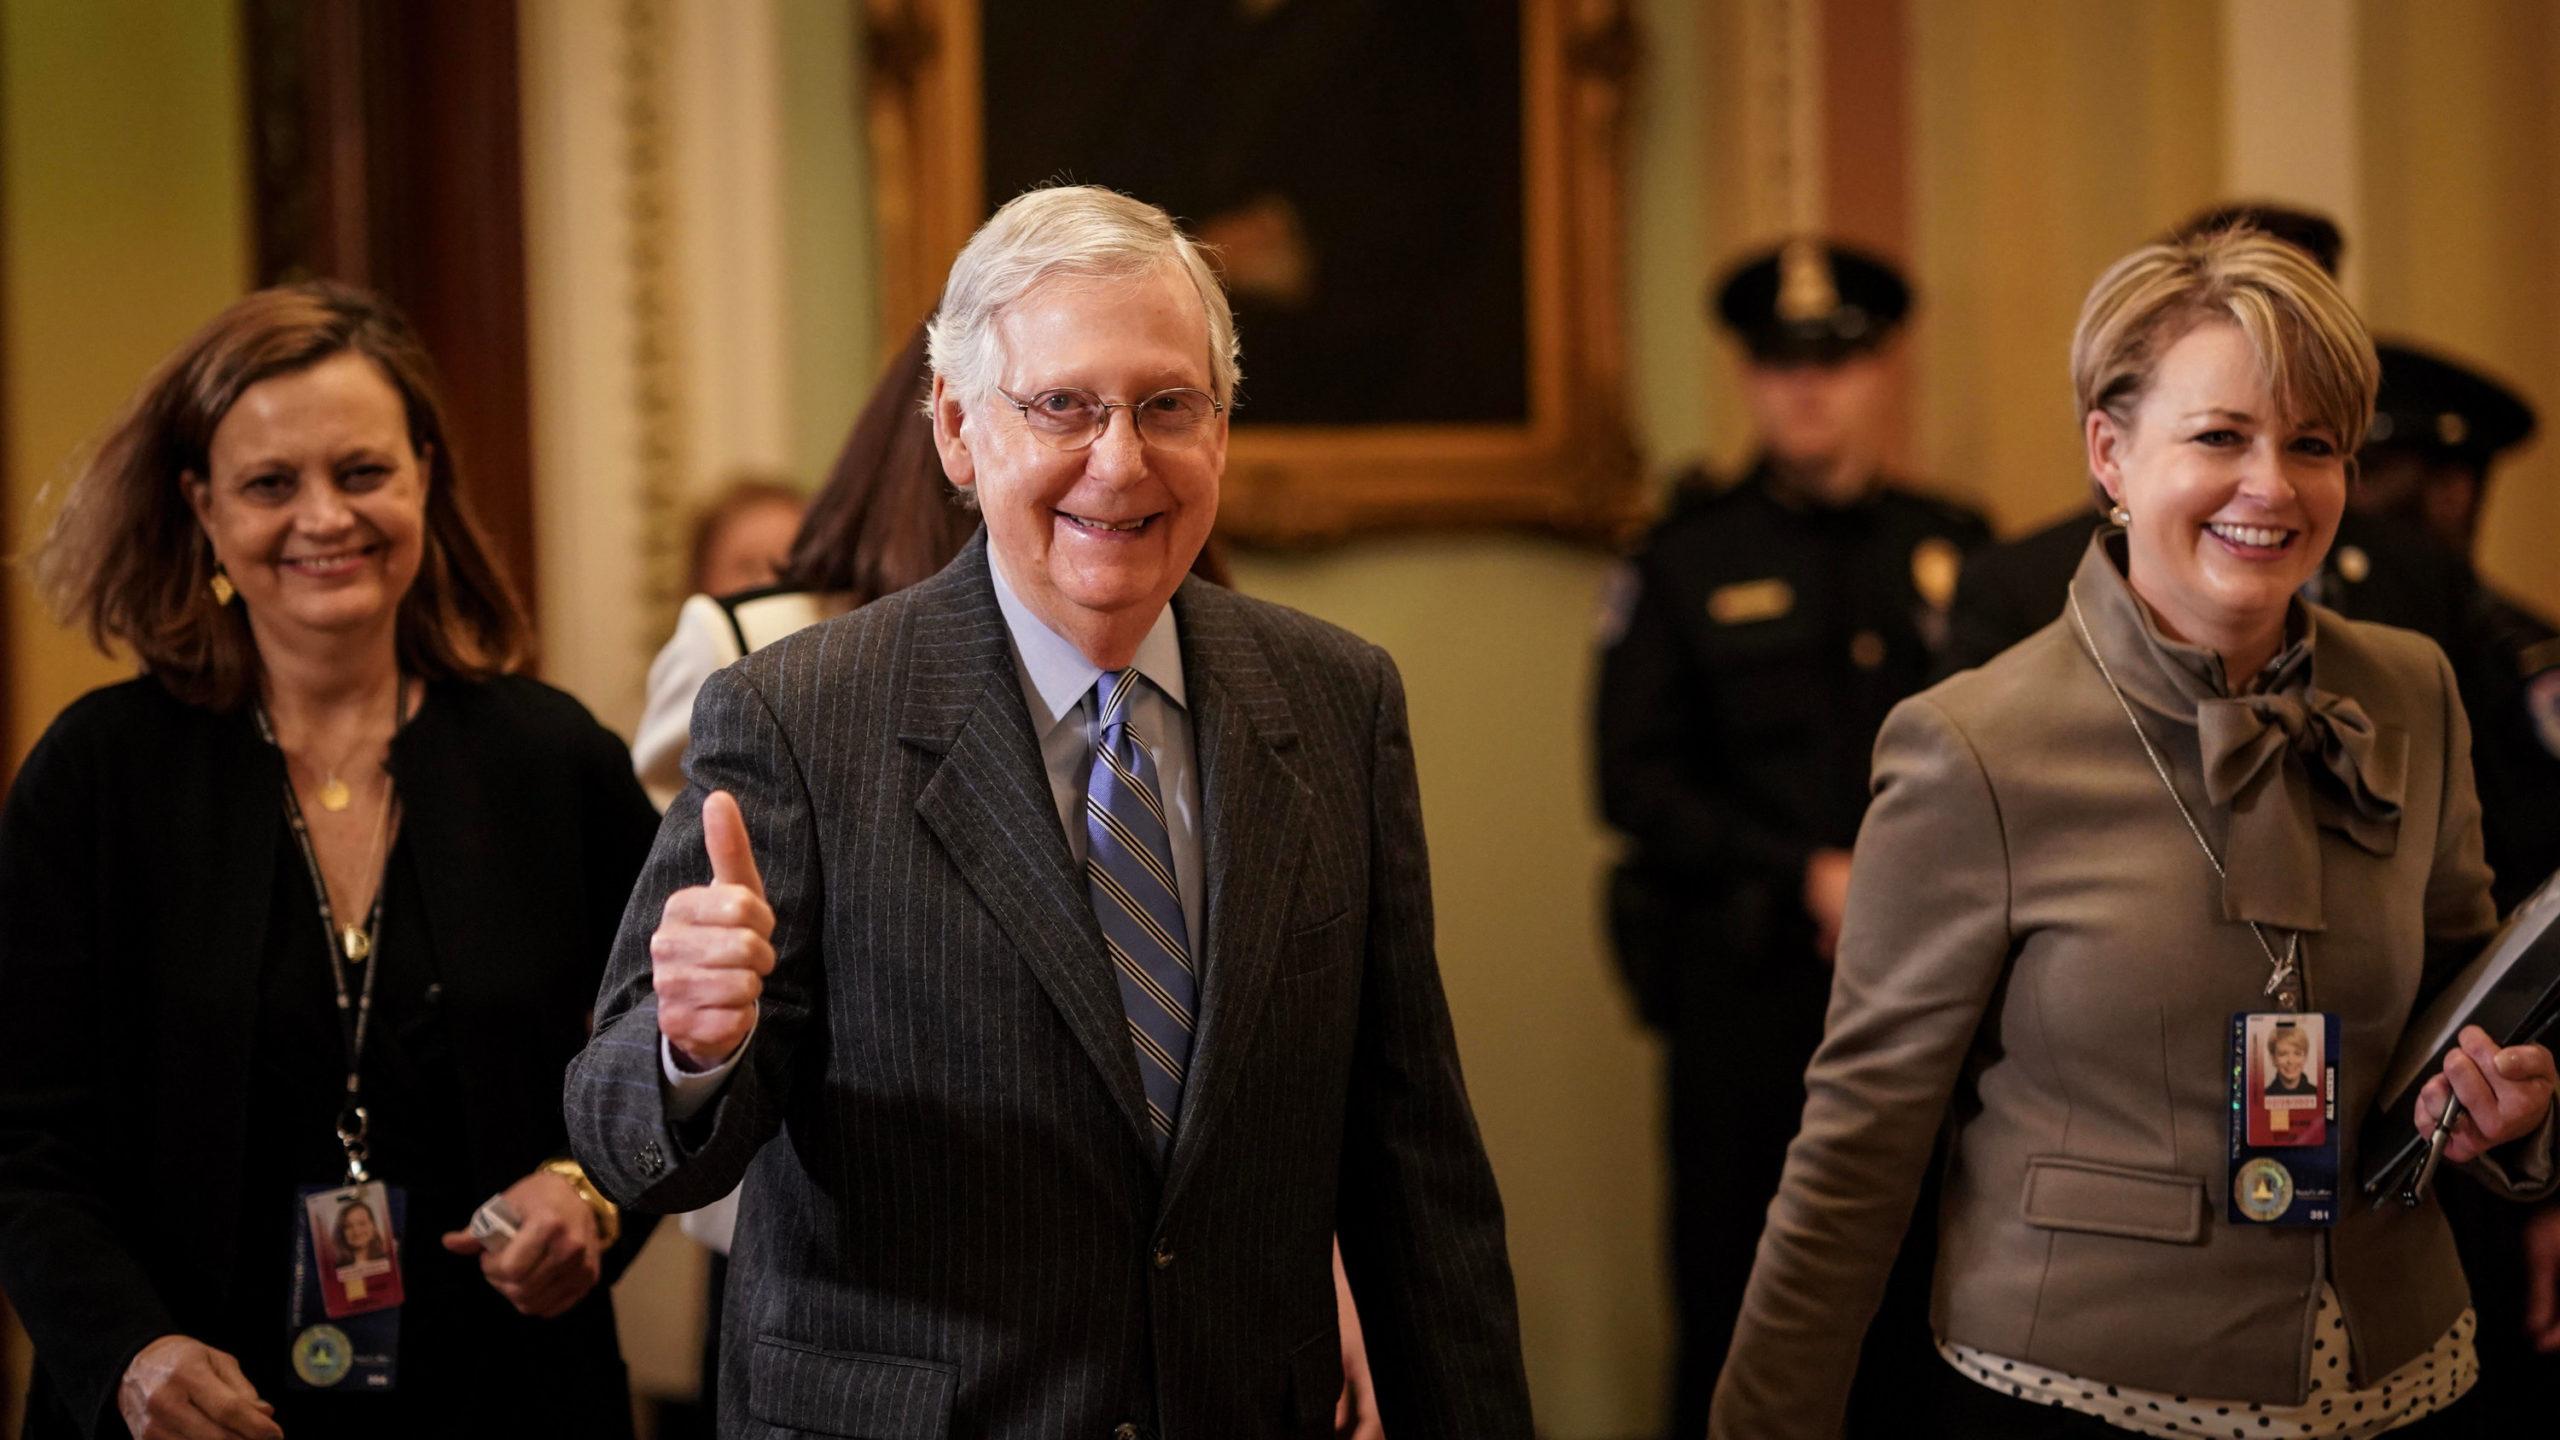 Republikanët kërkojnë shtyrjen e gjyqit ndaj ish-presidentit Trump